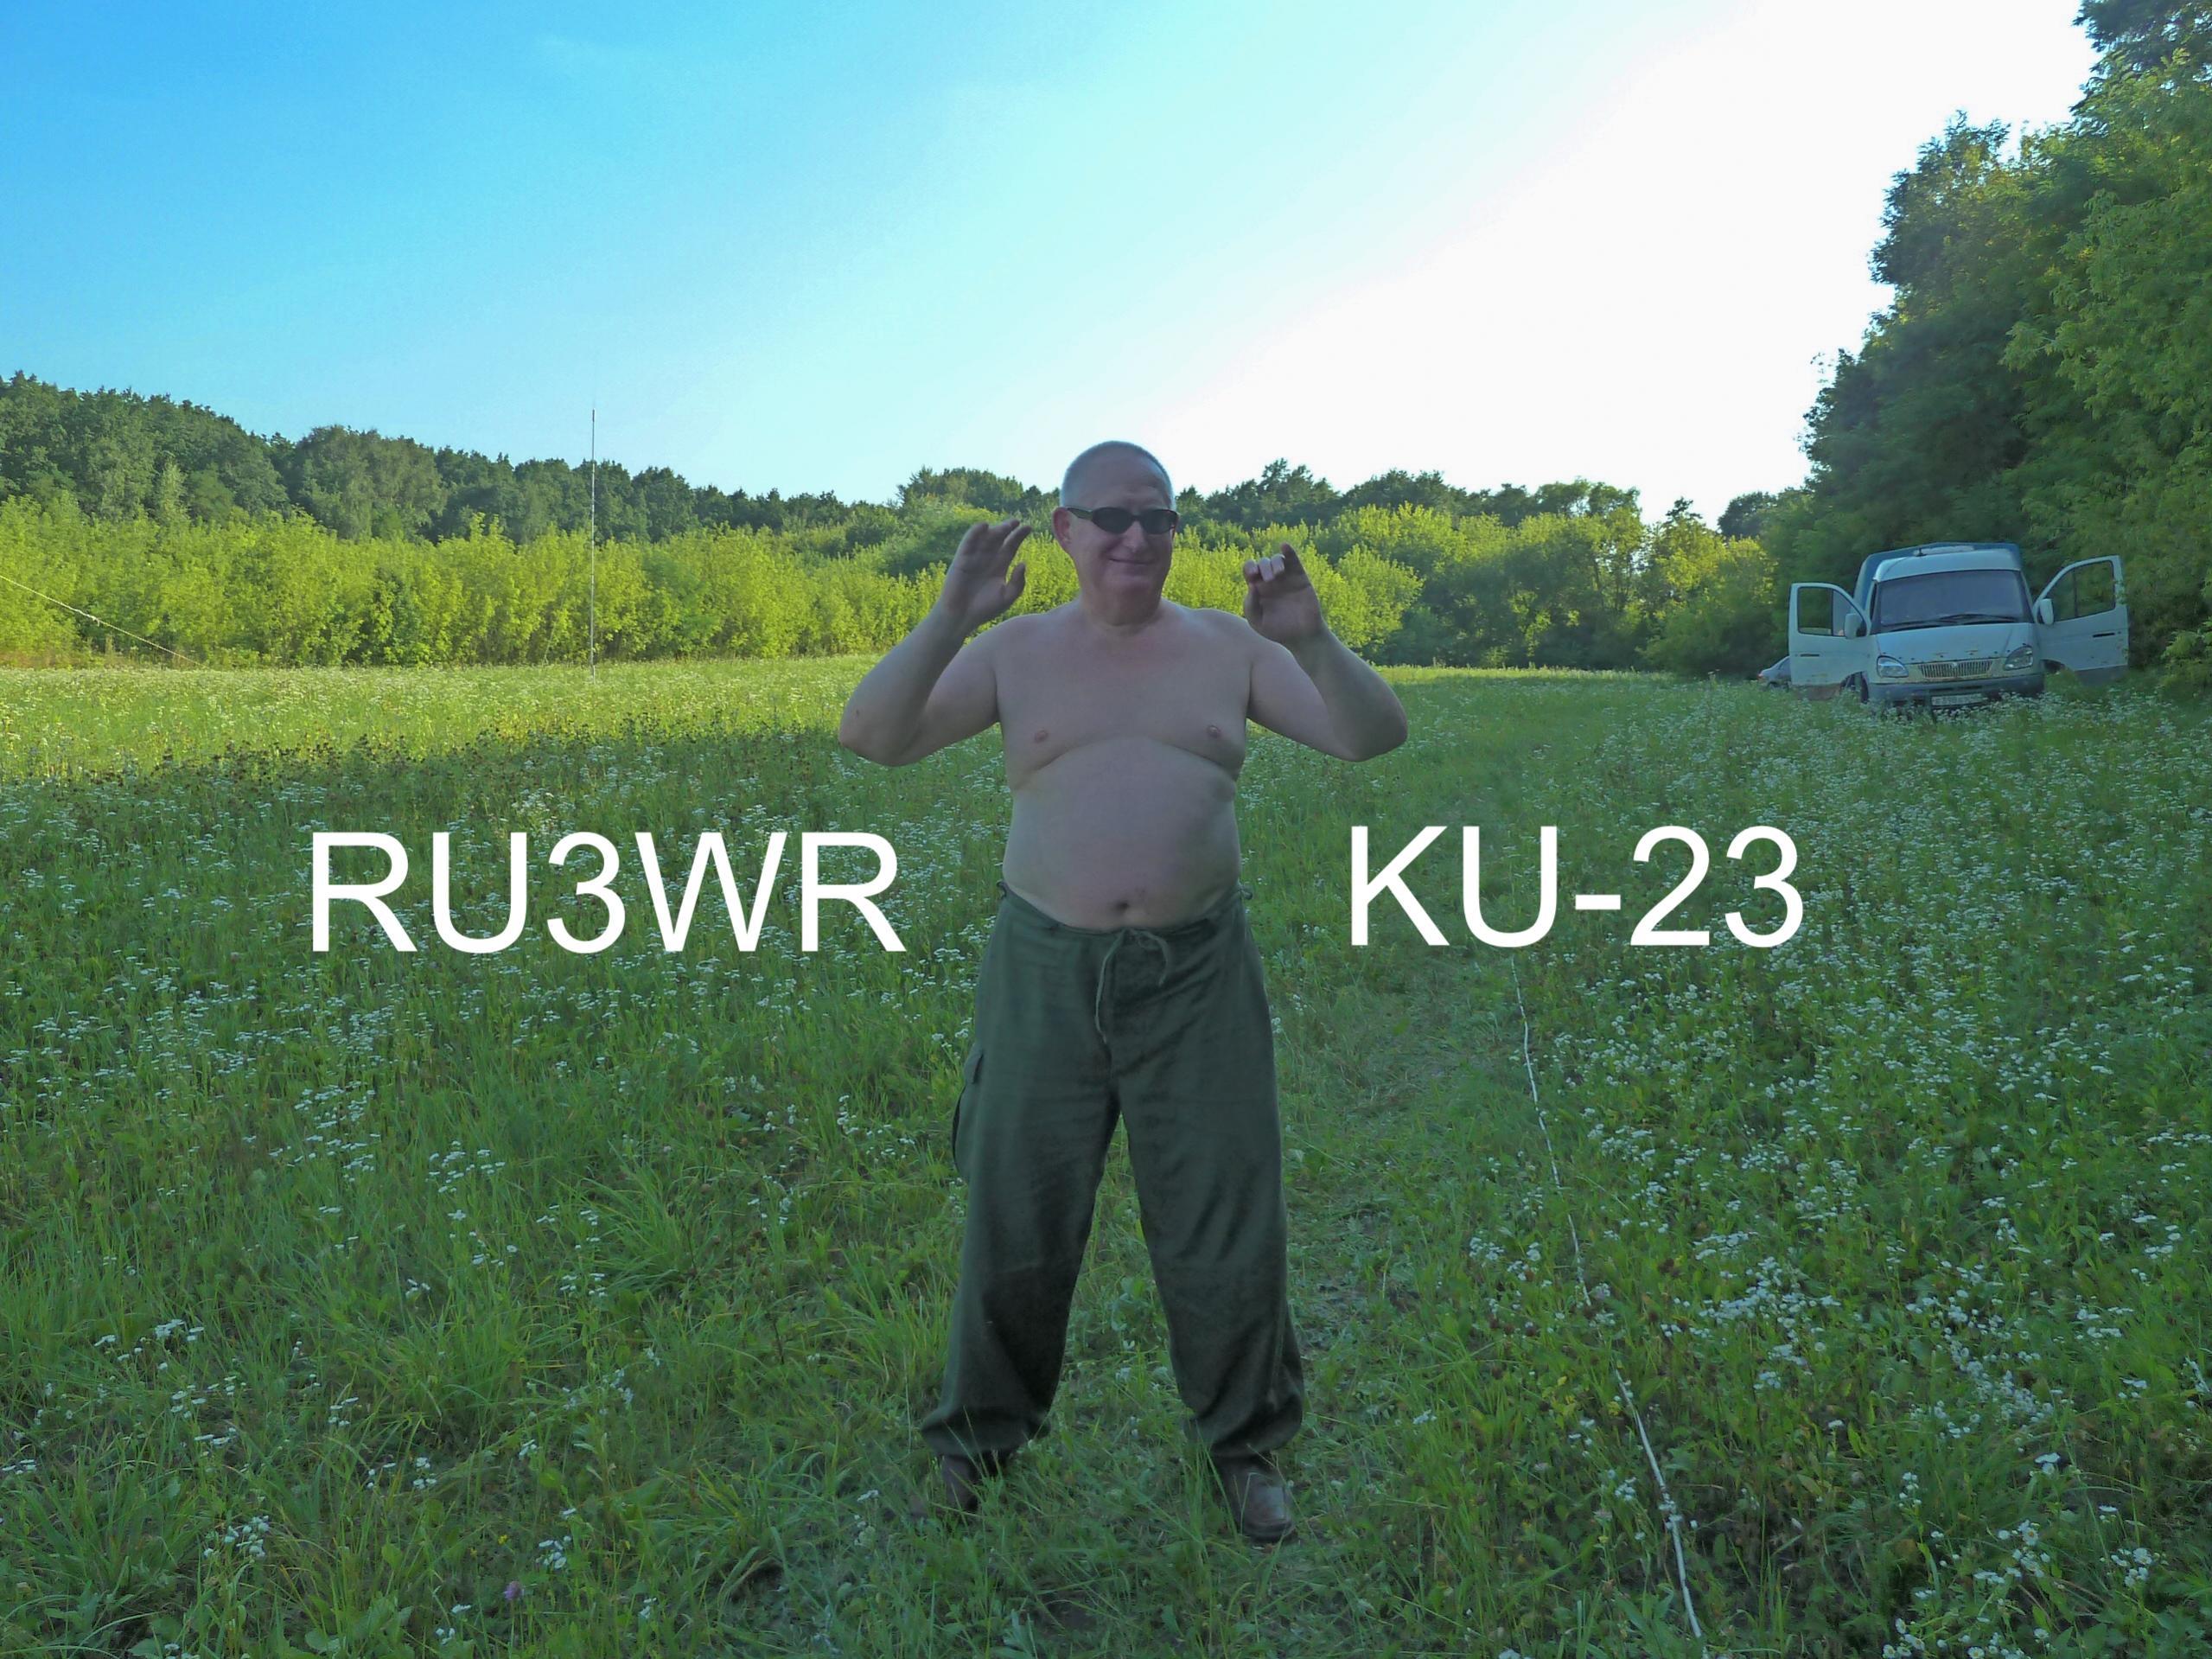 members/30403-ru3wr-album427-picture202371-p1030617-o.jpg